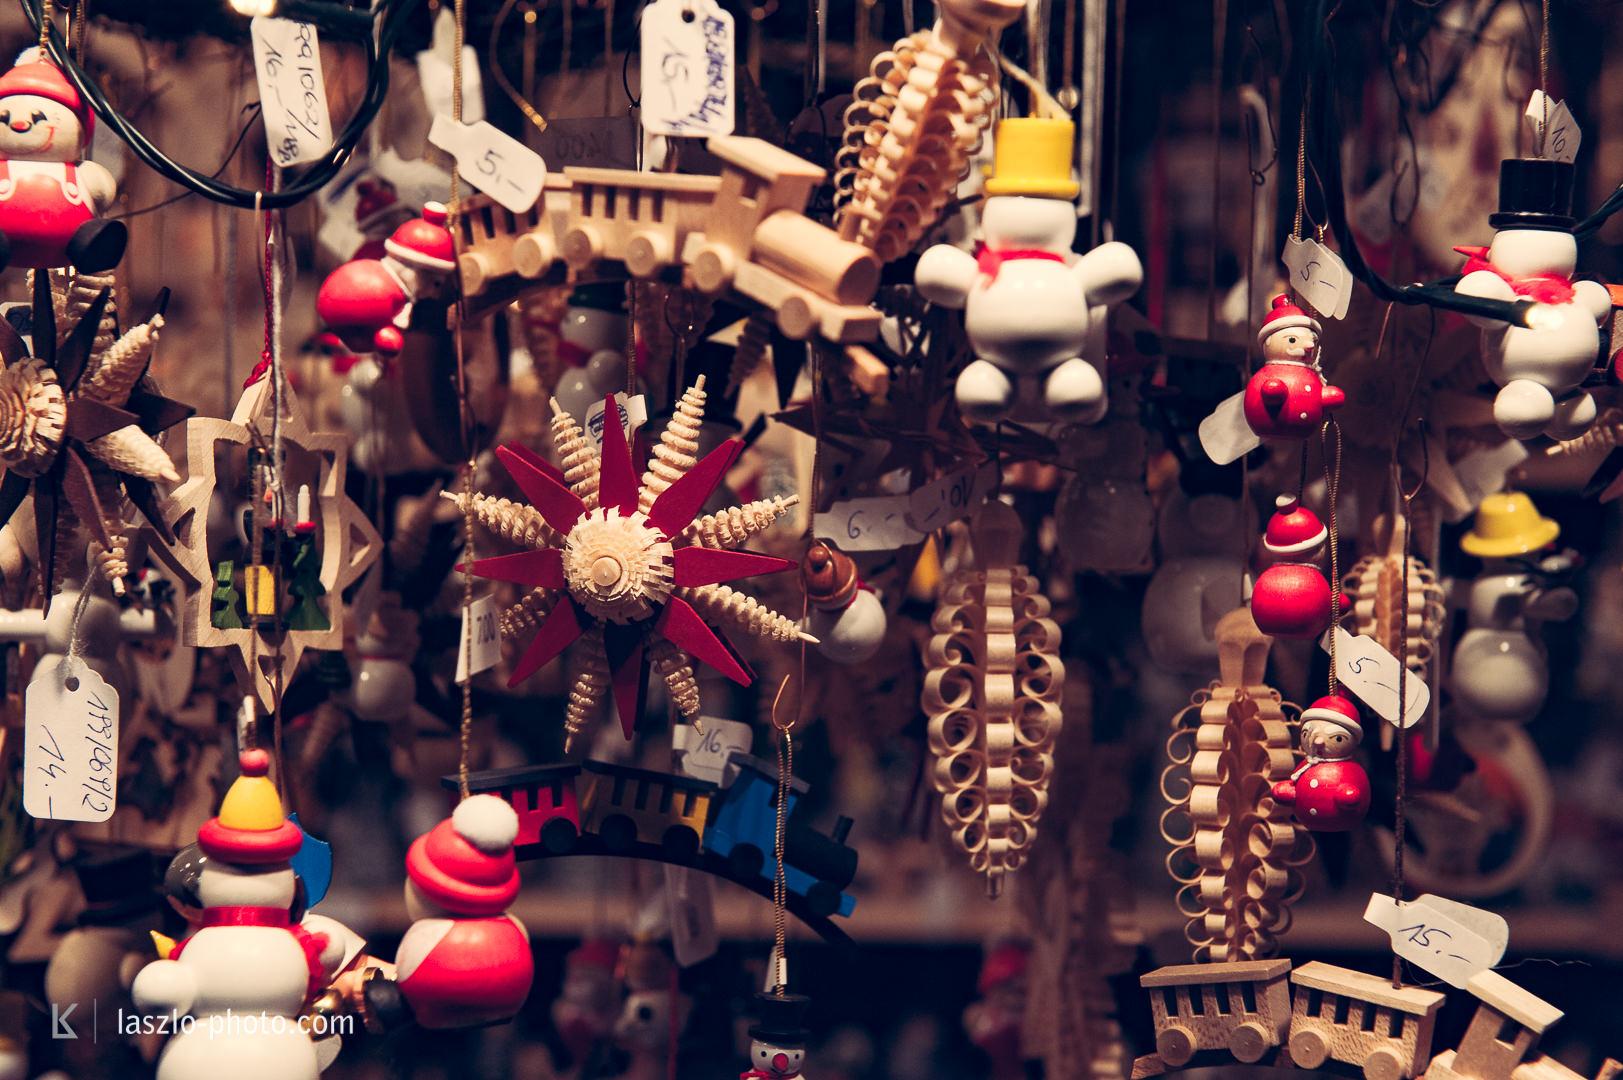 20161209_Weihnachten_Christkindlmarkt-4763